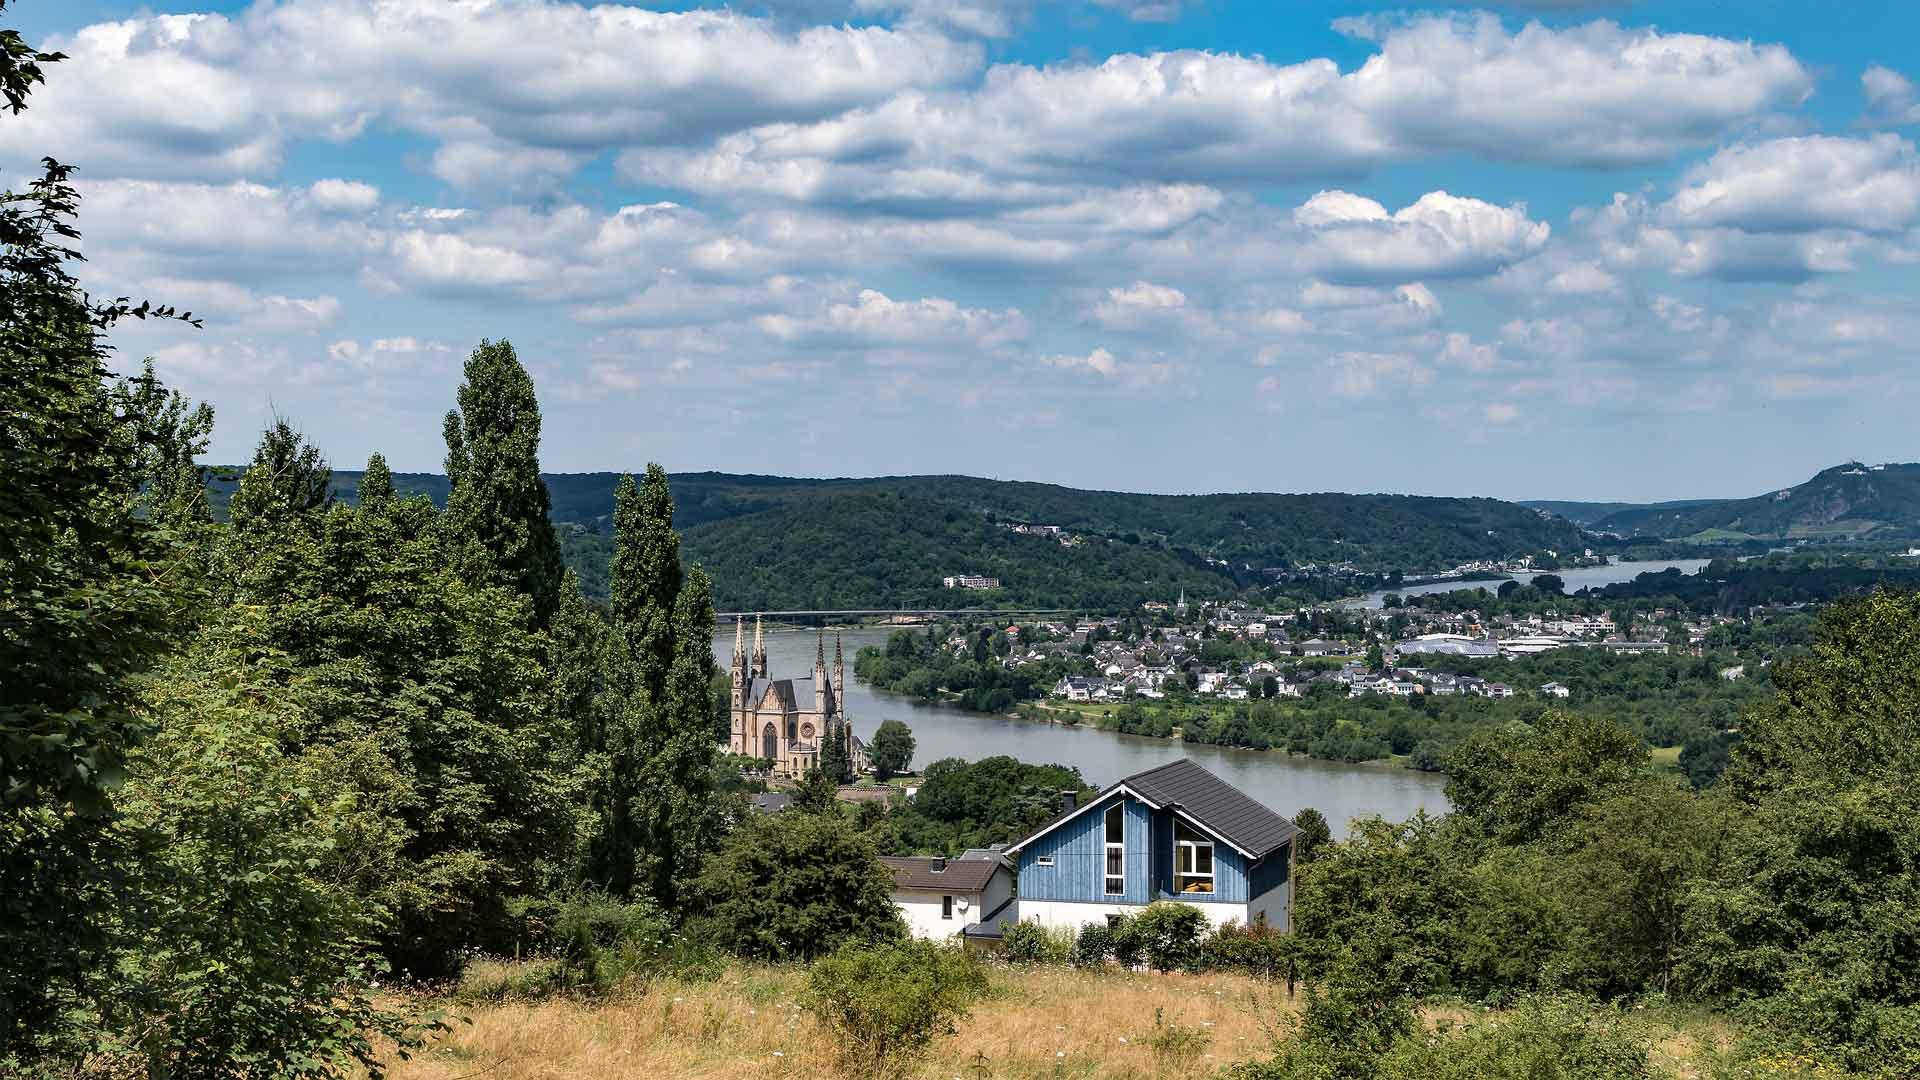 Uitzicht over Remagen aan de Rijn.